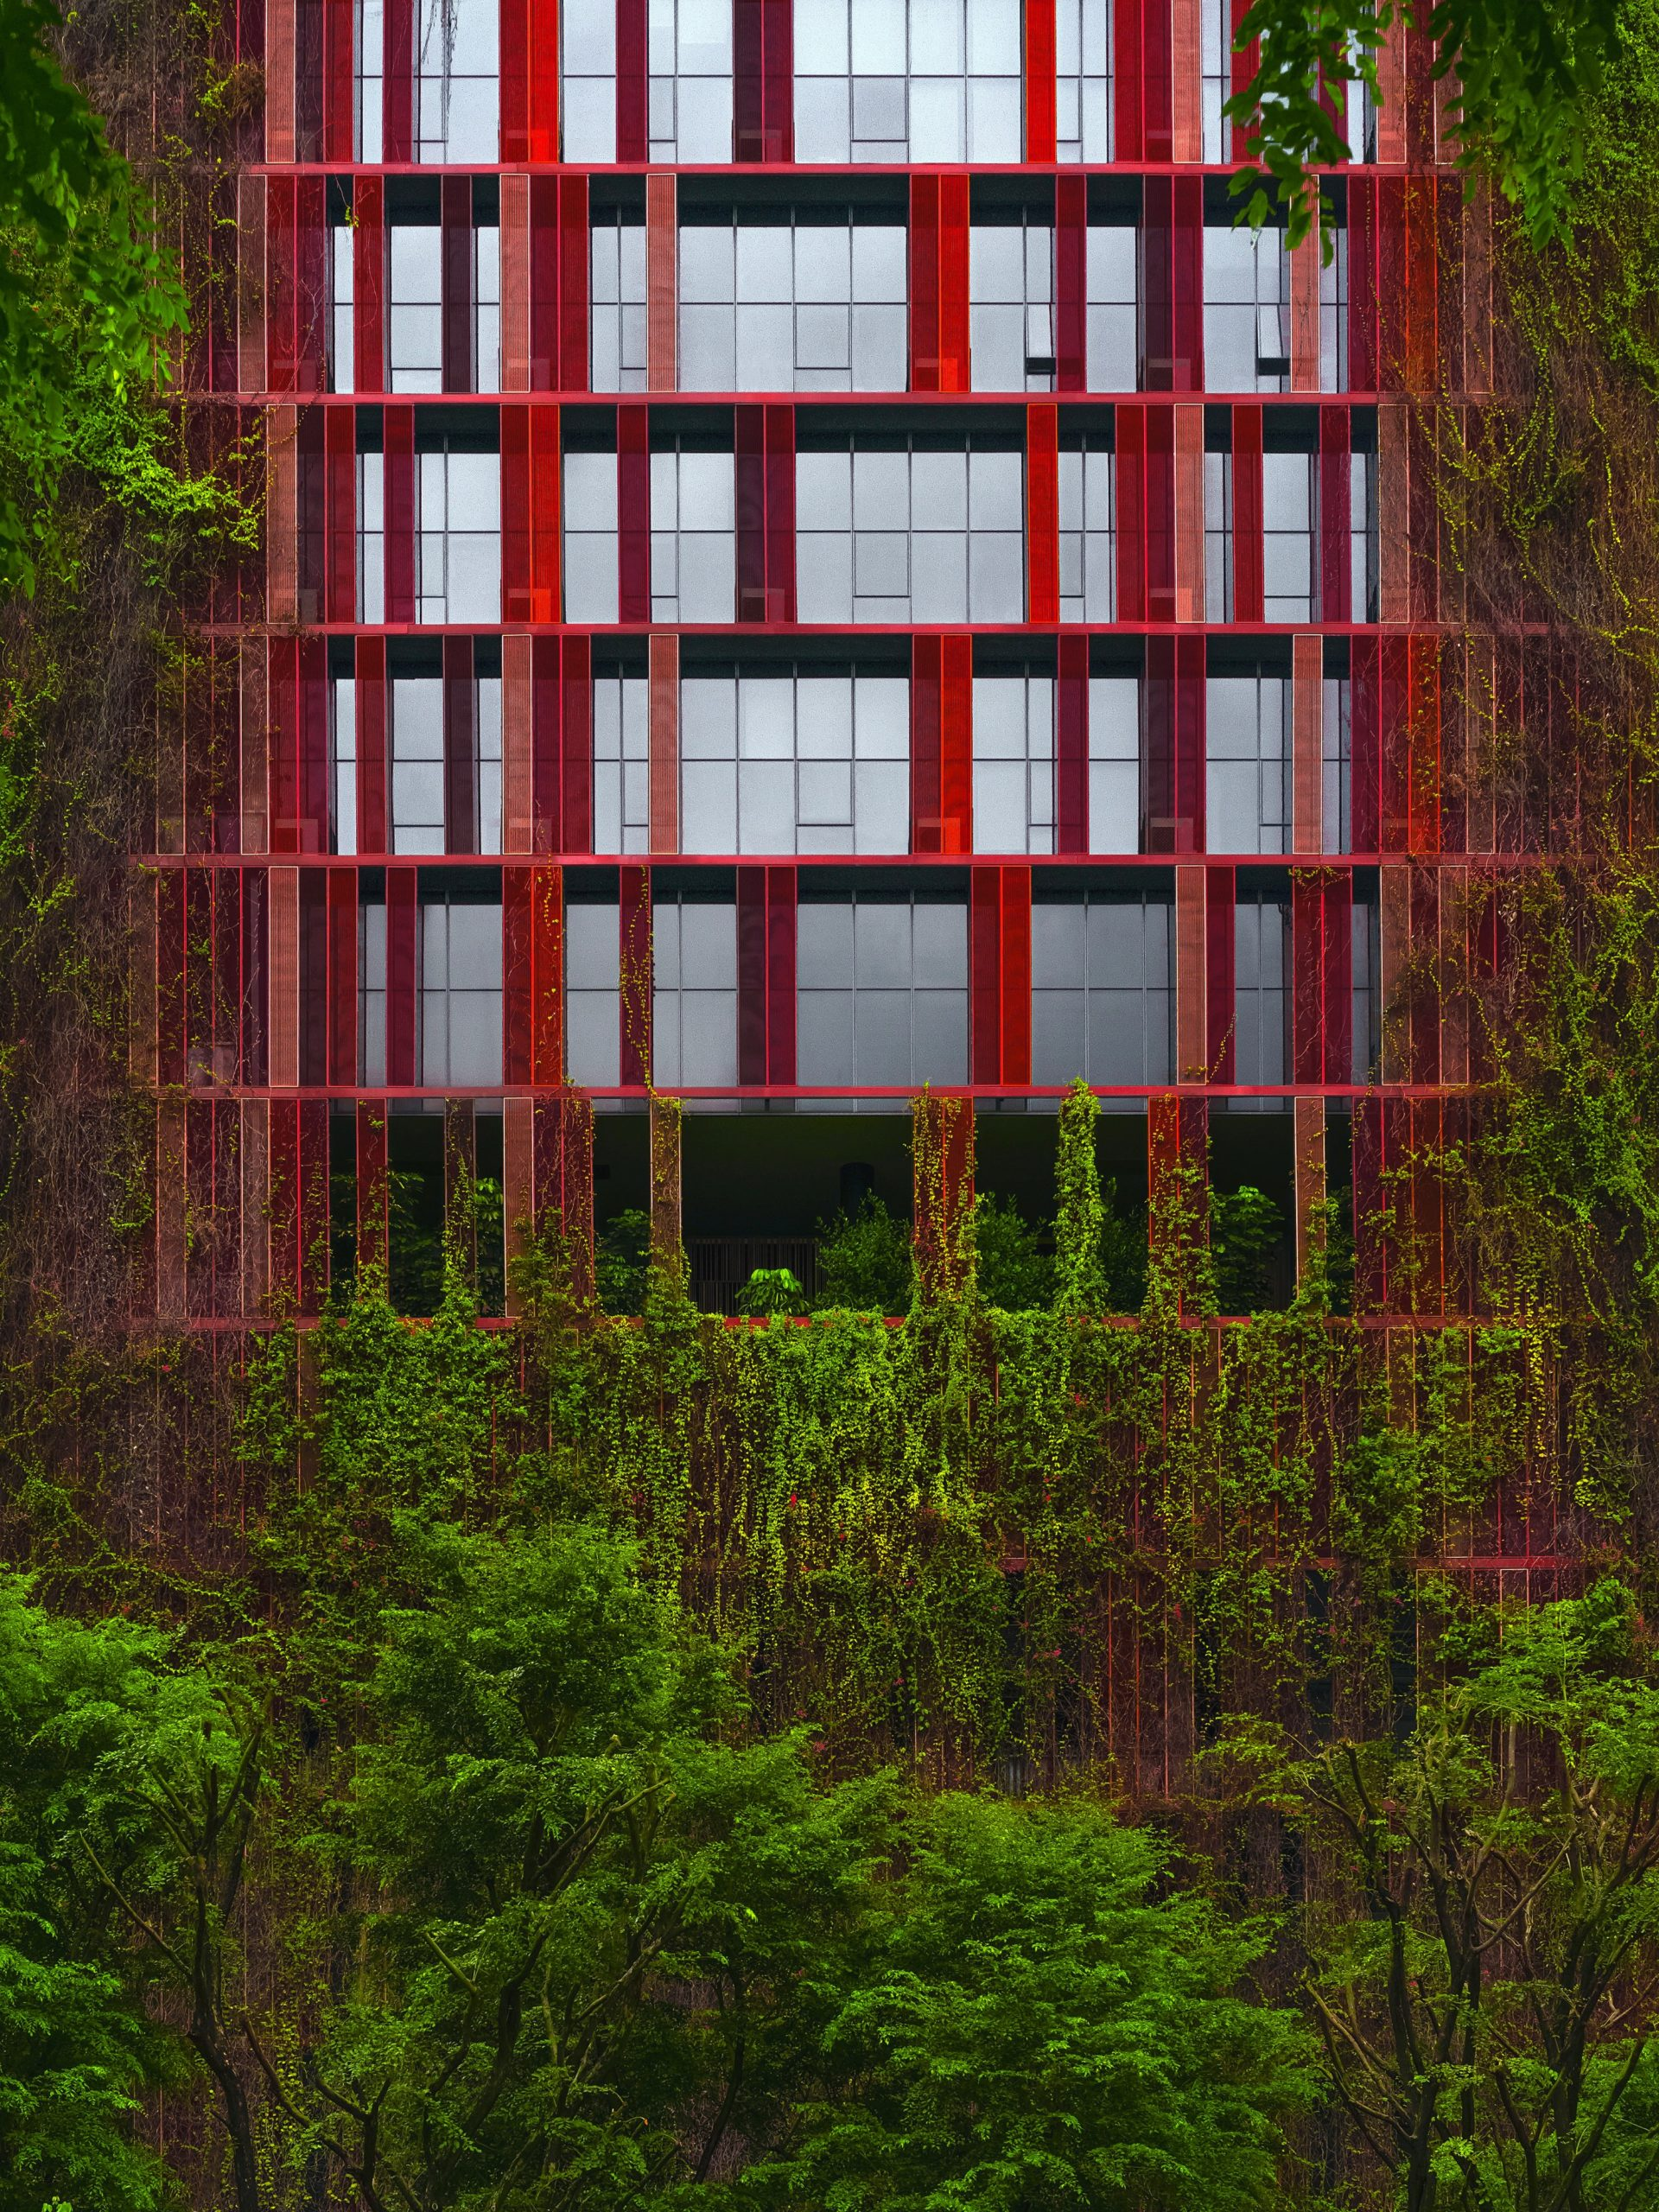 Rotes Gebäude, das mit grünen Pflanzen bewachsen ist